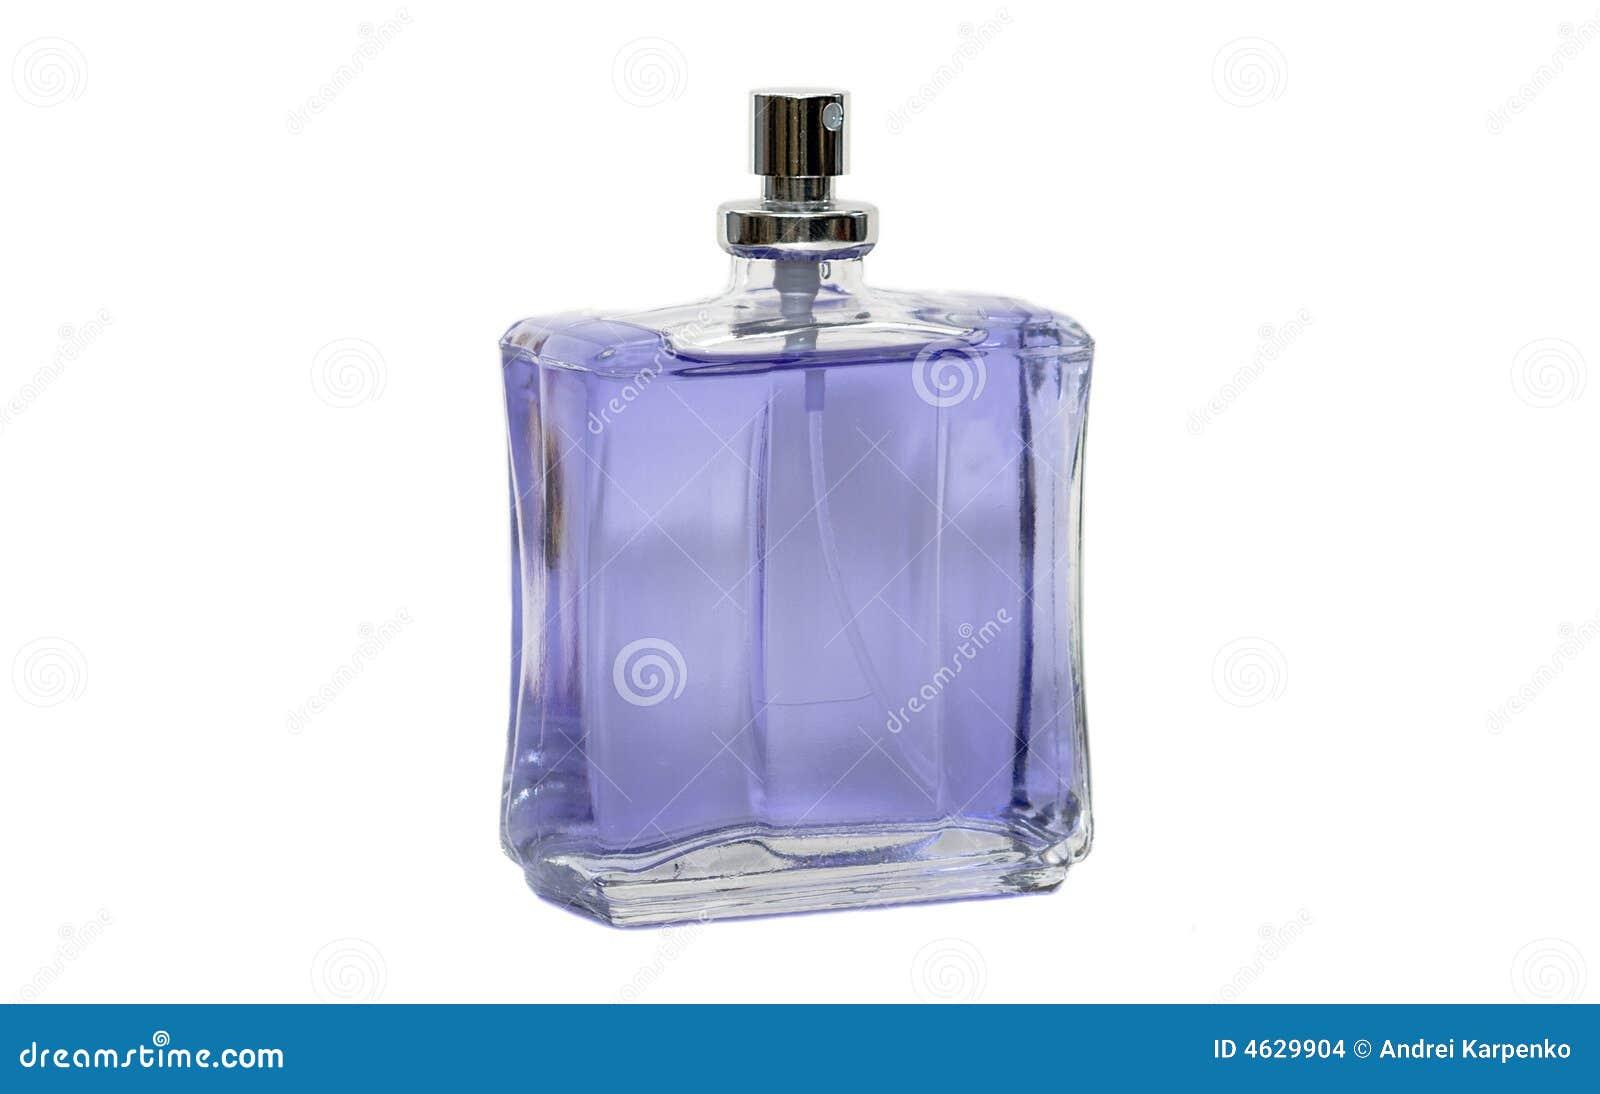 Frasco de perfume violeta